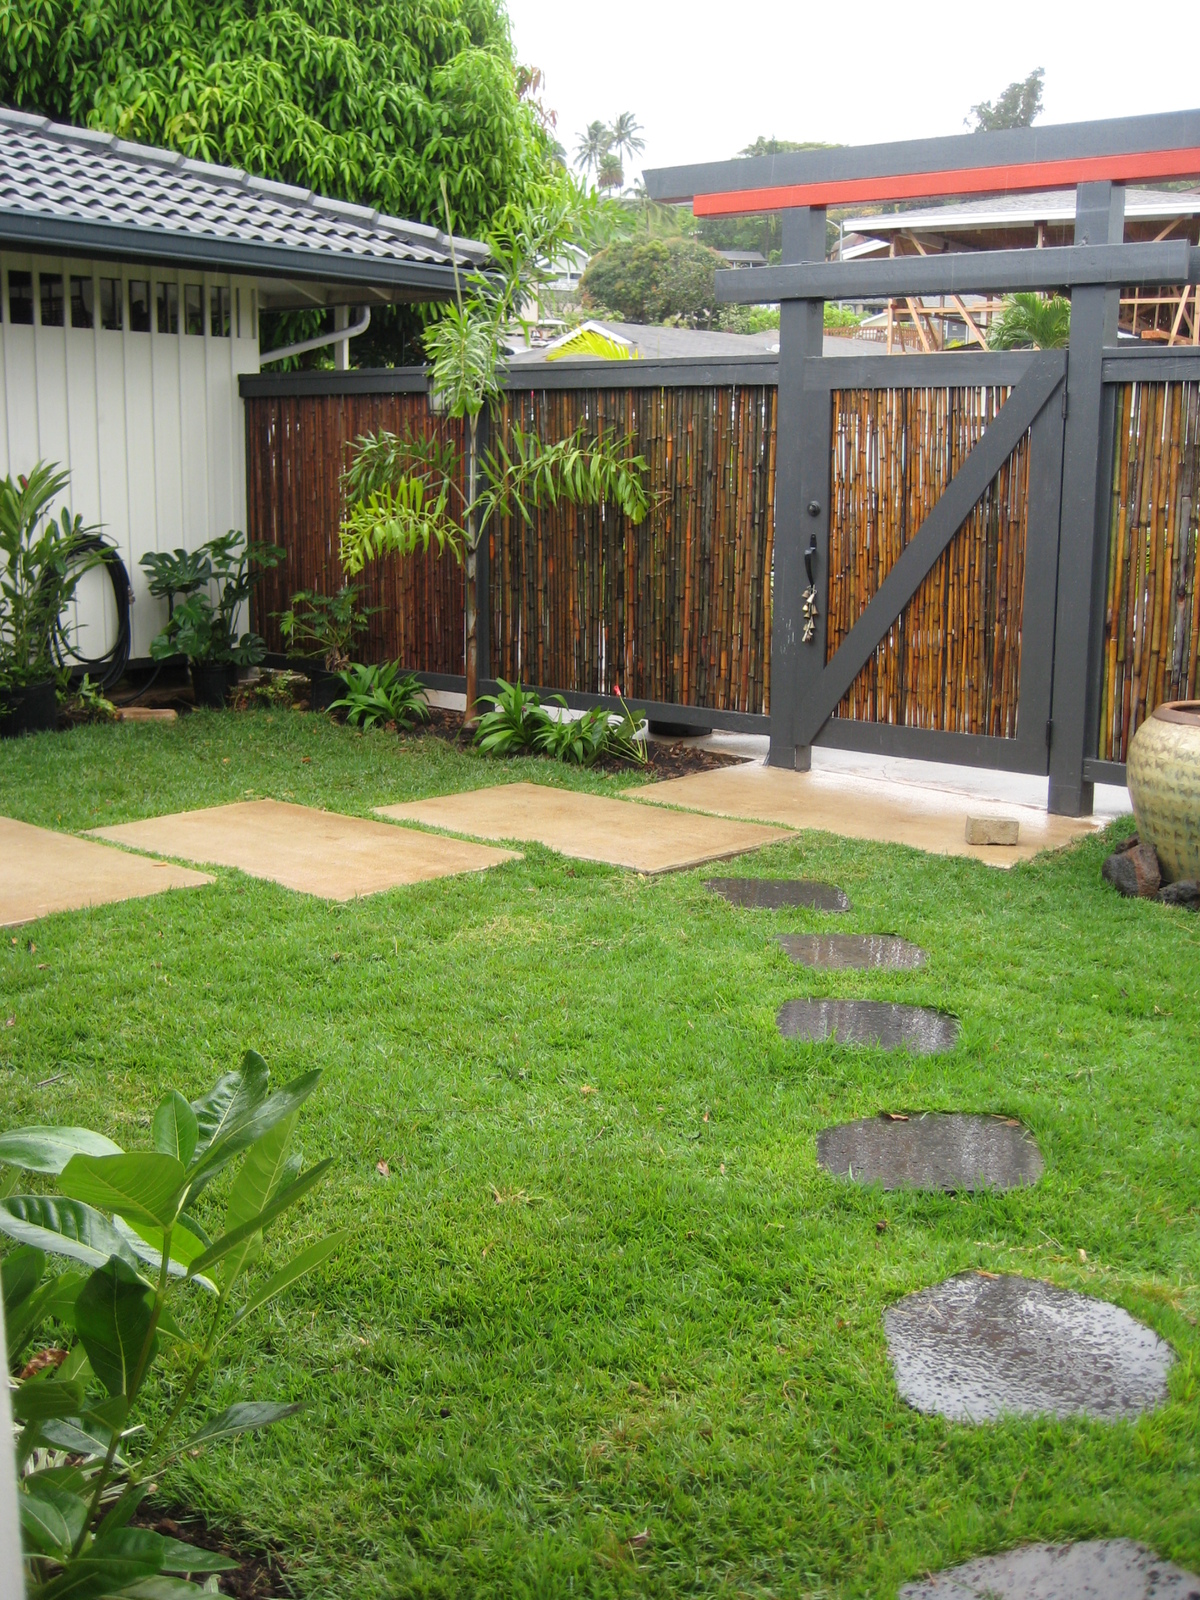 New interior courtyard